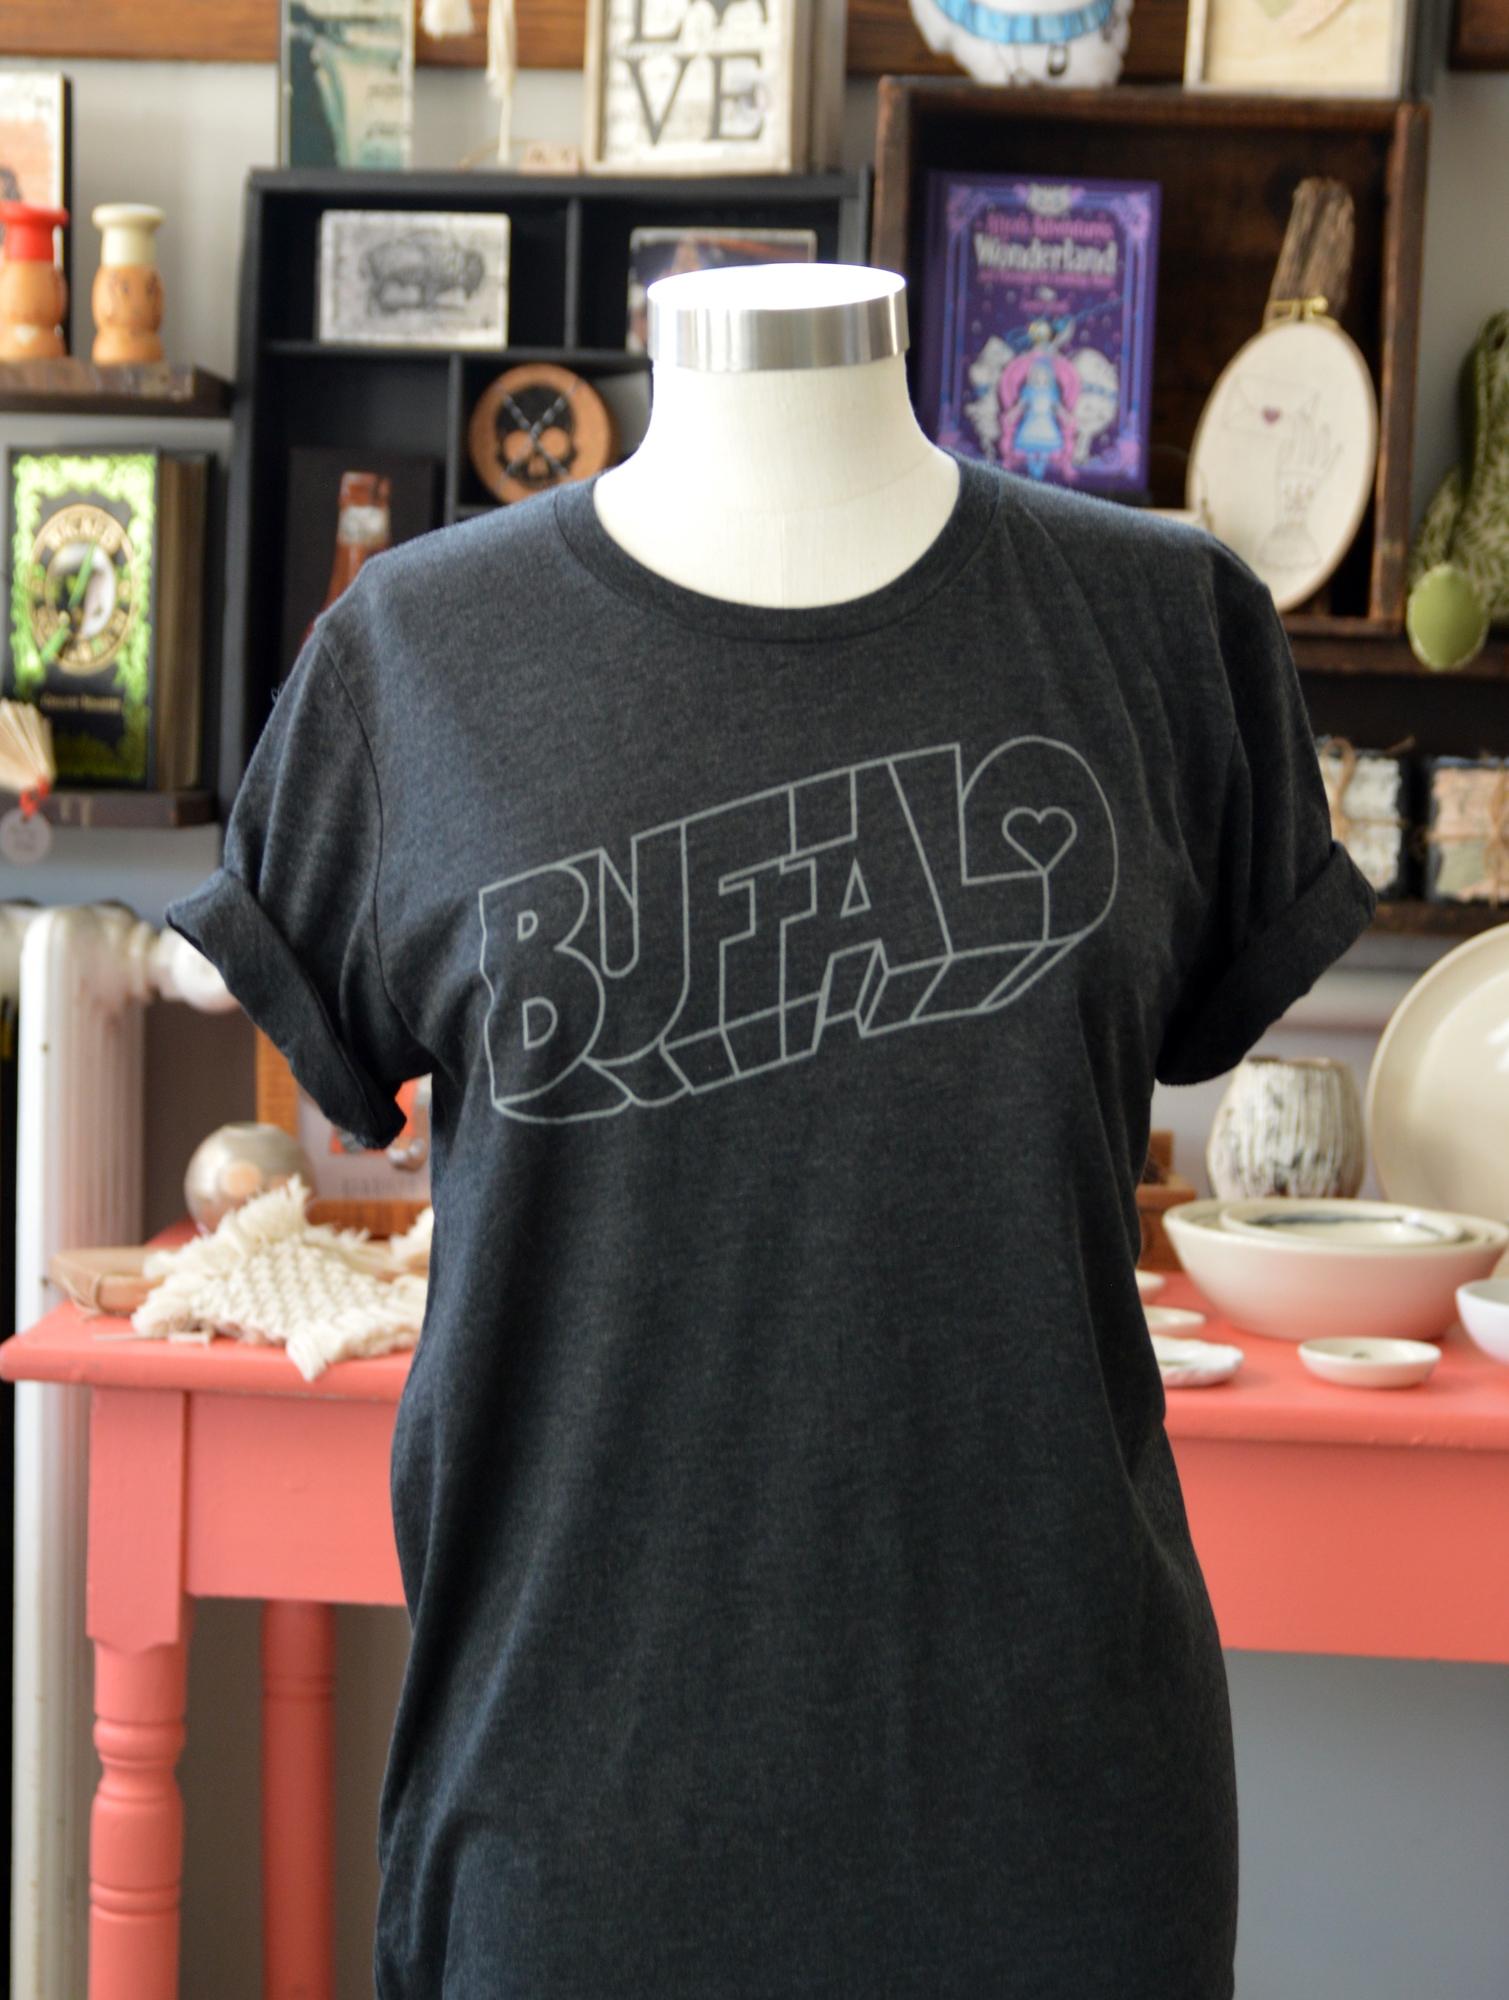 buffalo shirt made in buffalo ny gift shop